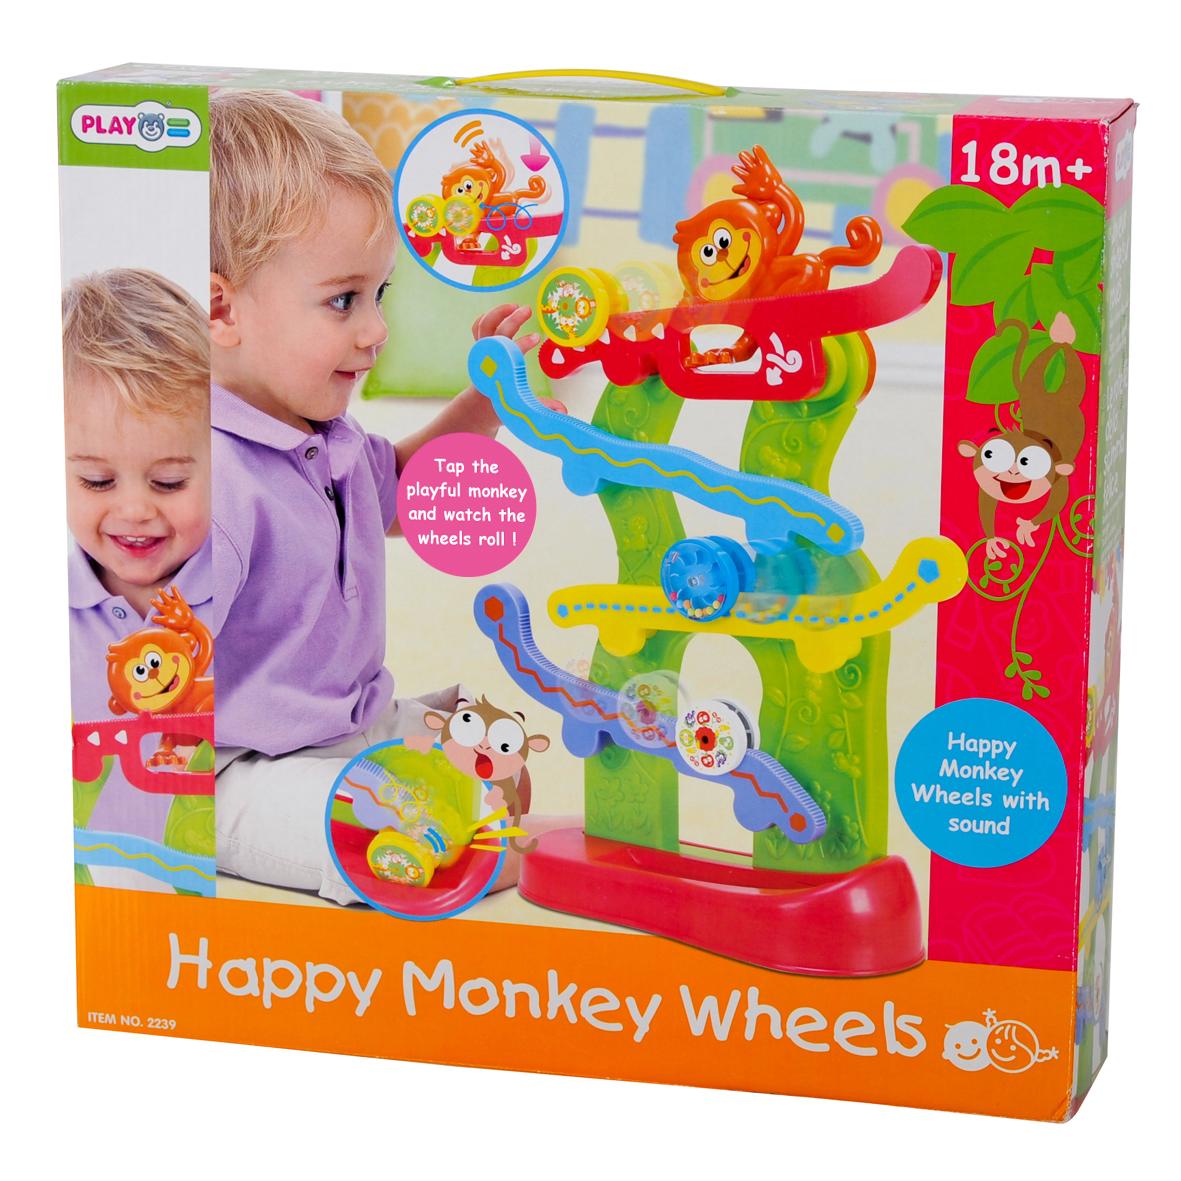 Playgo Развивающая игрушка Лабиринт с обезьянкой, 40 смPlay 2239Развивающая игрушка Лабиринт с обезьянкой - яркая развивающая игрушка для малышей. Малыш будет наблюдать за разноцветными колесиками, скатывающимися вниз по горкам. Чтобы запустить колесико, нужно нажать на хвост обезьянки. Лабиринт научит ребенка концентрировать внимание, сформирует представление о цветах, развивает мелкую моторику и сенсорику детей. Материал - пластмасса